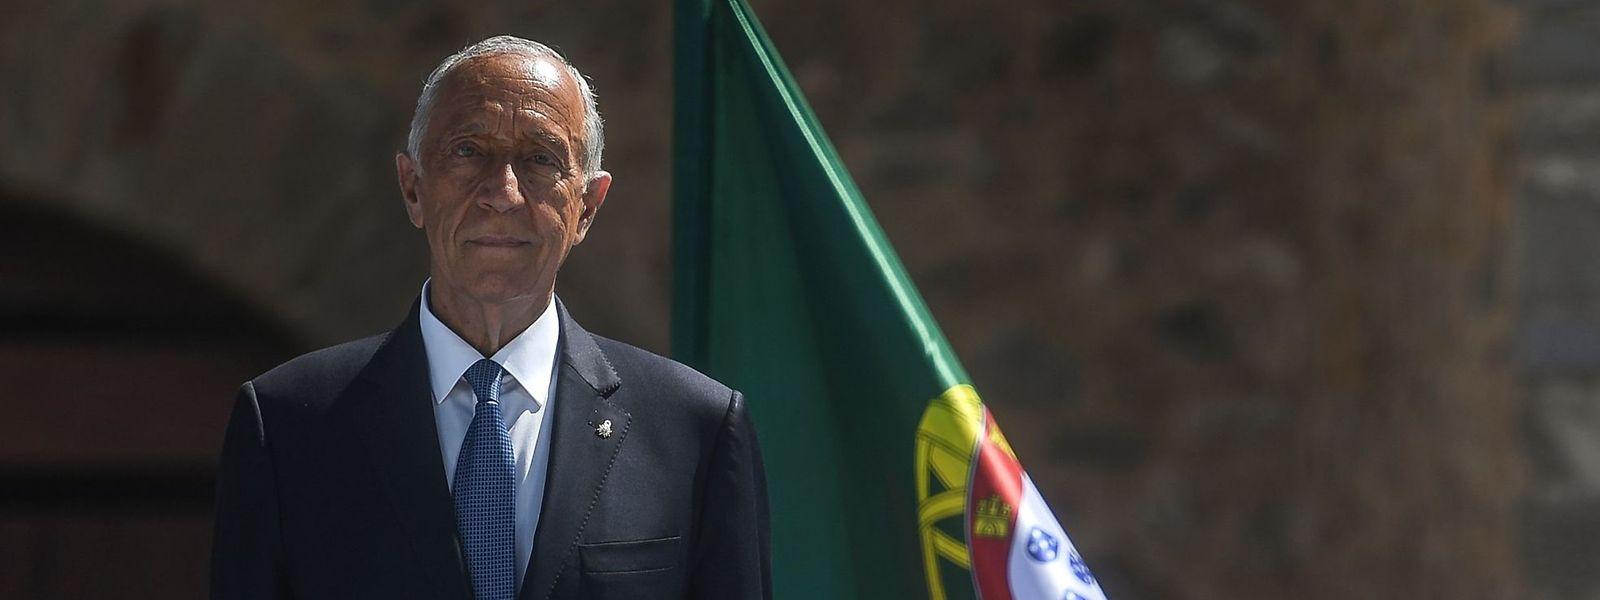 Marcelo Rebelo de Sousa a remporté 49,66% des voix des suffrages exprimés par les électeurs au Luxembourg.